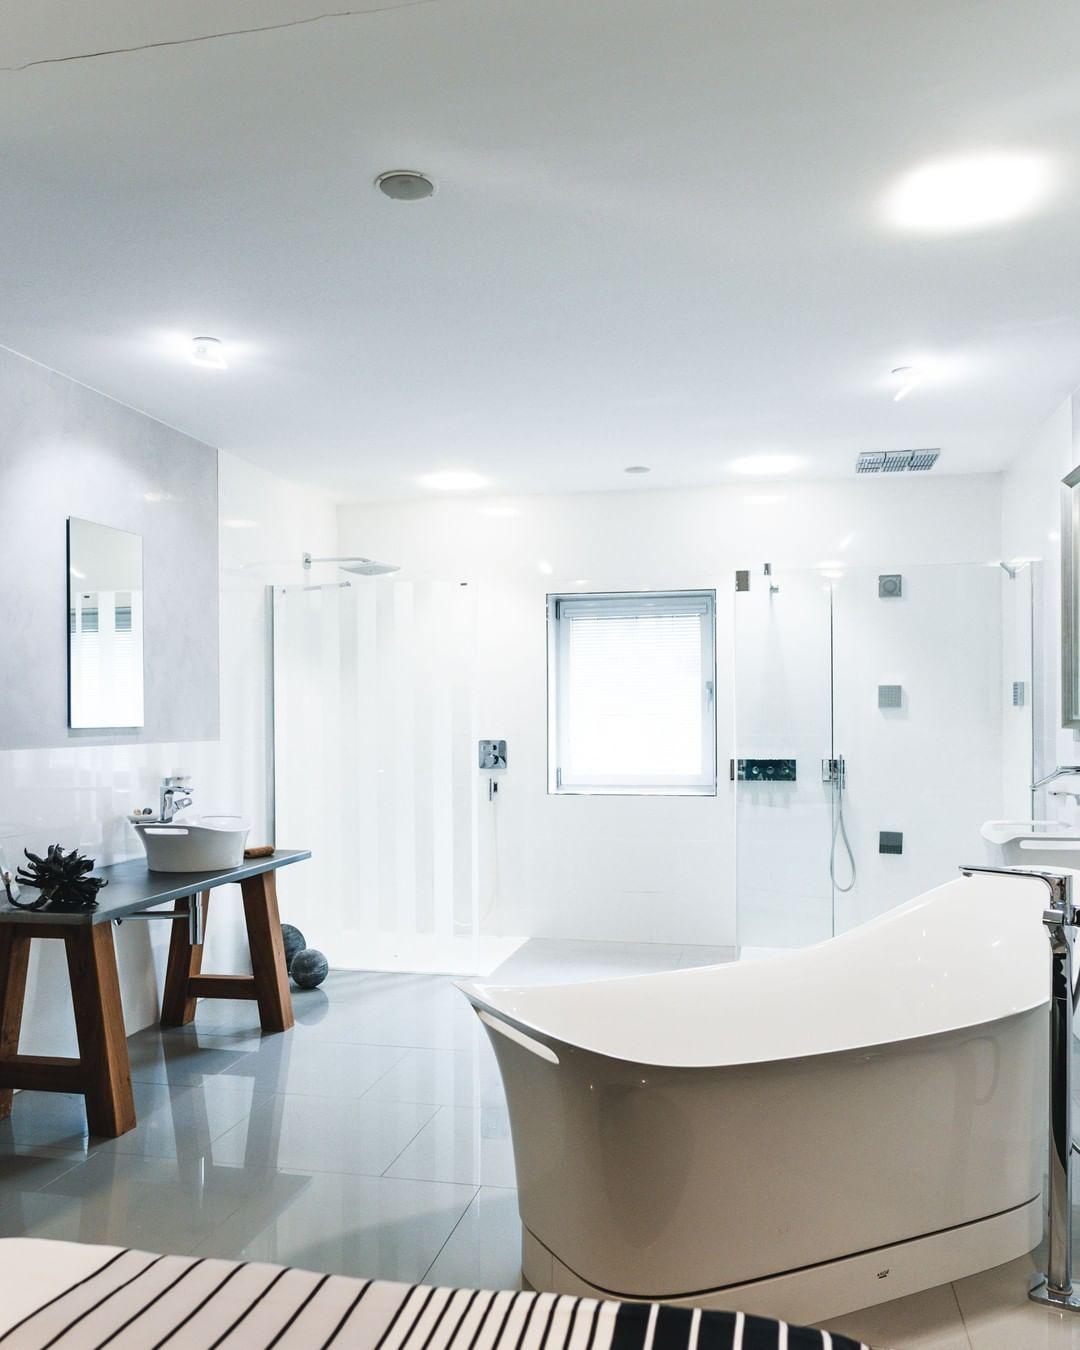 Weinkopf Gmbh On Instagram Ein Traum In Weiss Dieses Bad Besitzt Bodengleiche Duschflachen Und Eine Ausserst S Bad Einrichten Neues Badezimmer Wandgestaltung